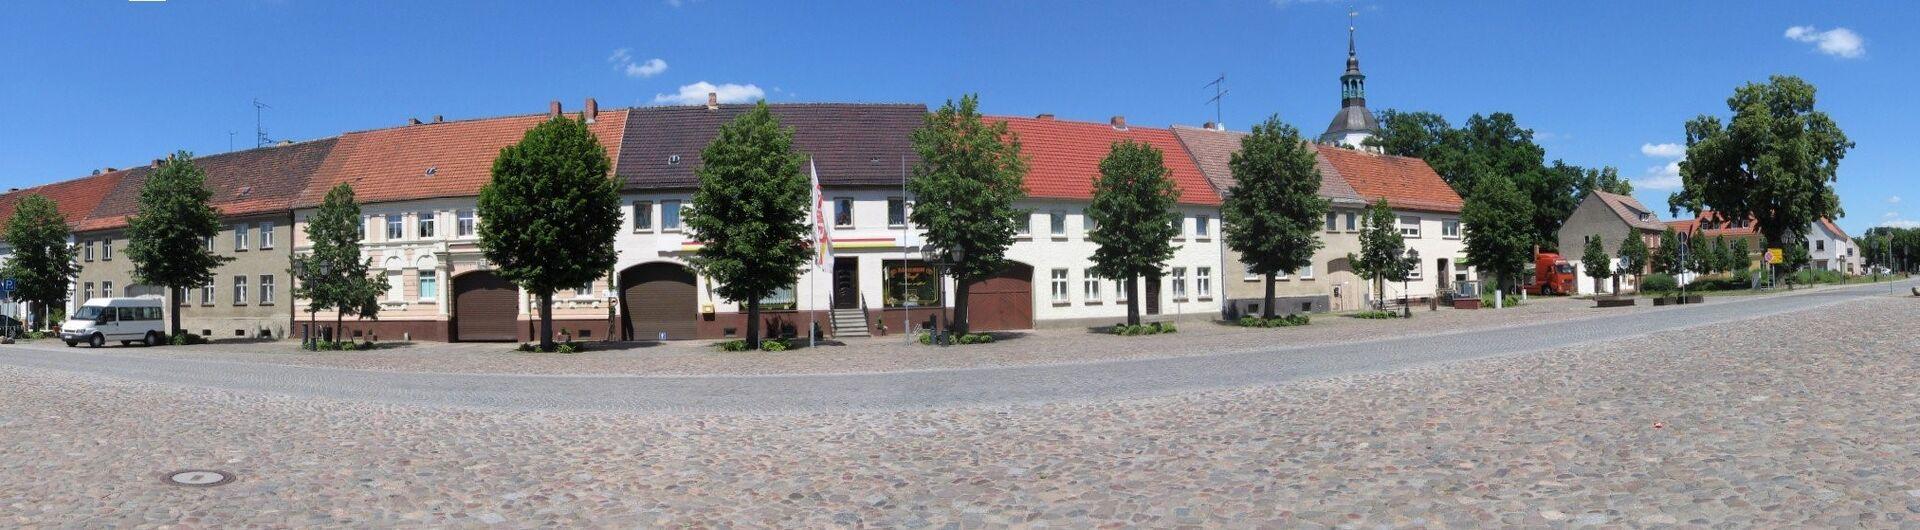 Panoramabild Markt Schönewalde